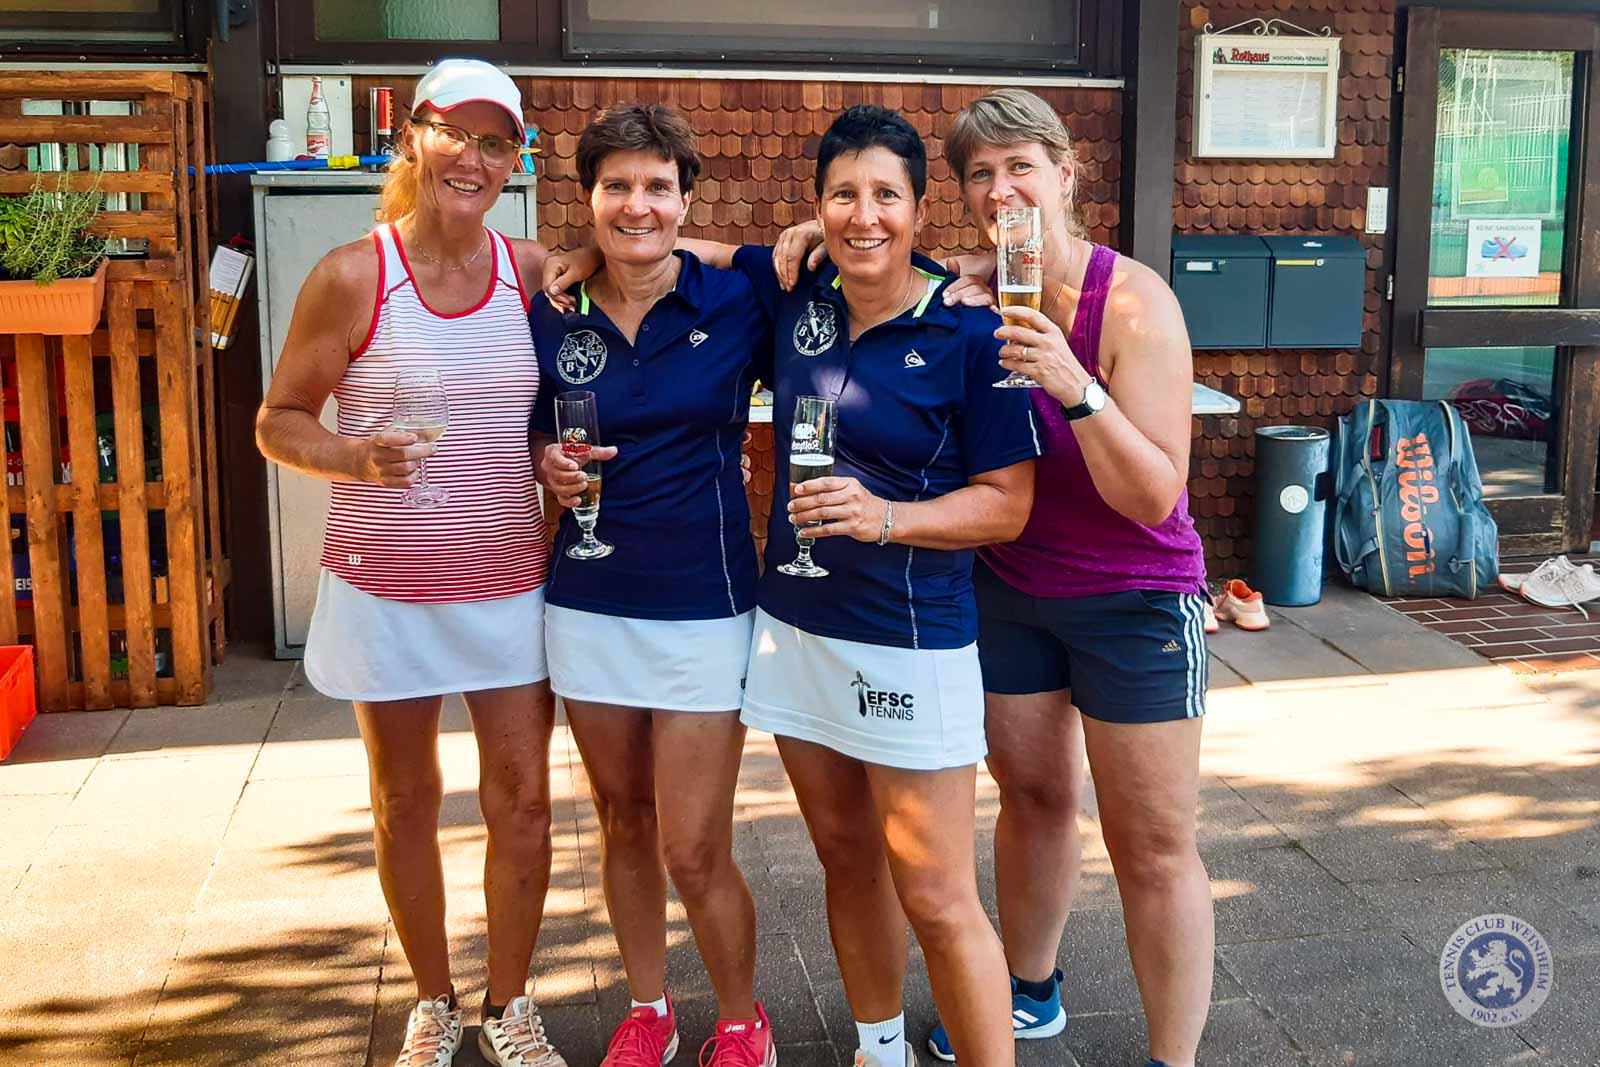 Damen Team Baden bei den Großen Schomburgk-Spielen 2019